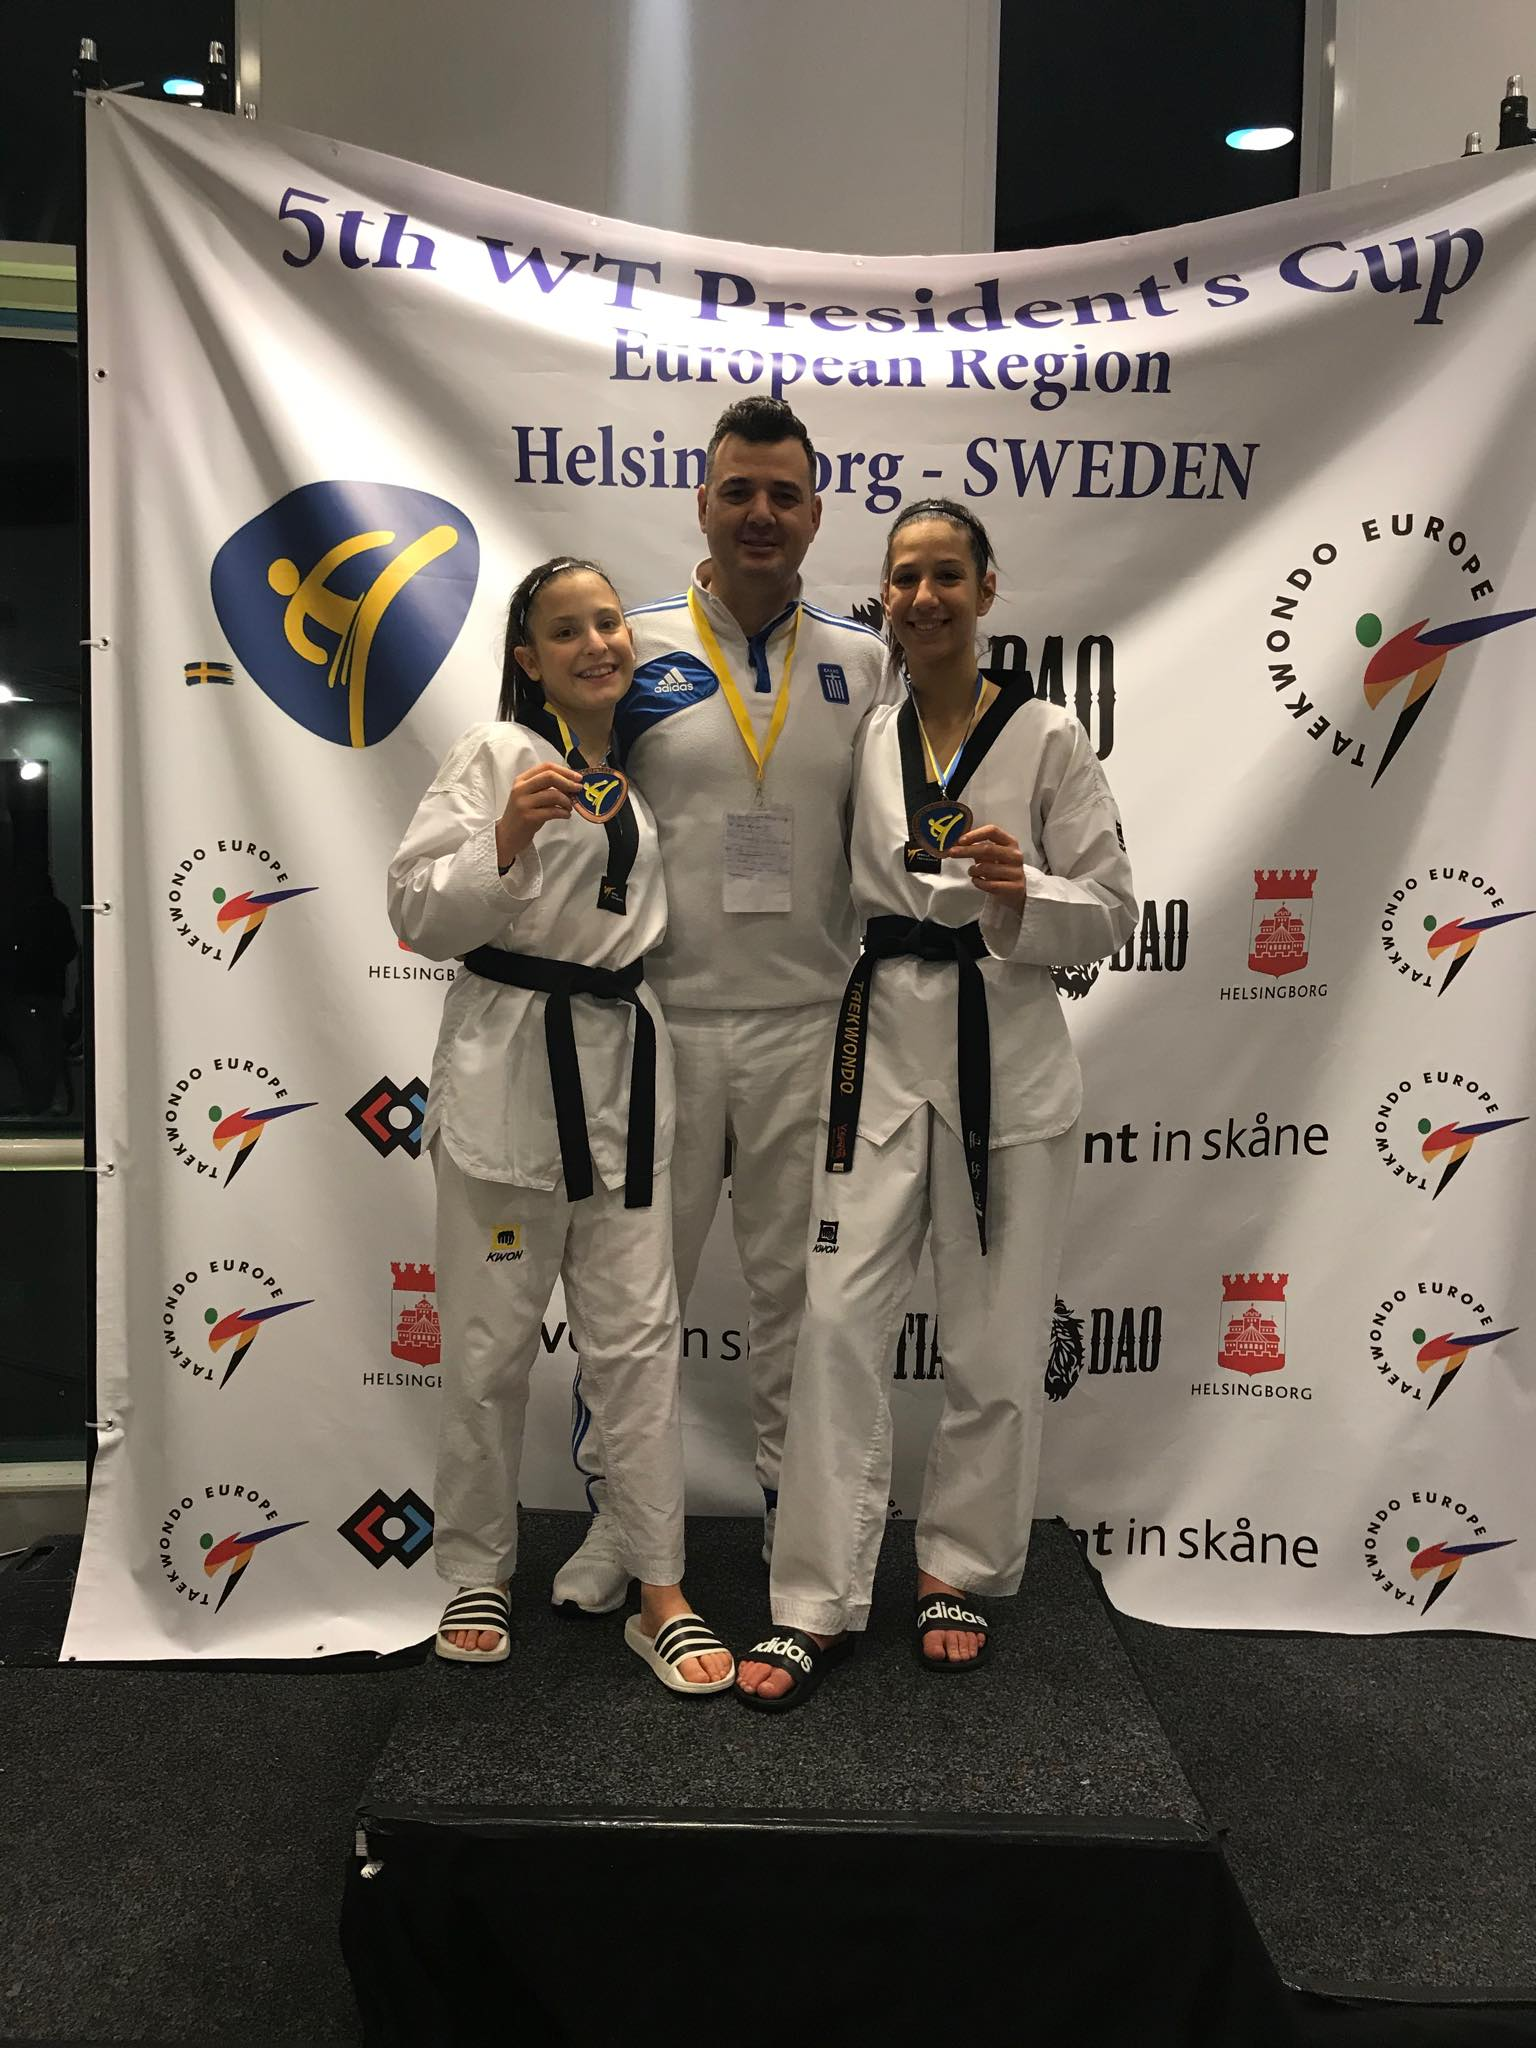 Χάλκινα μετάλλια για δύο… juniorAiantakia στο Presidents Cup 2020